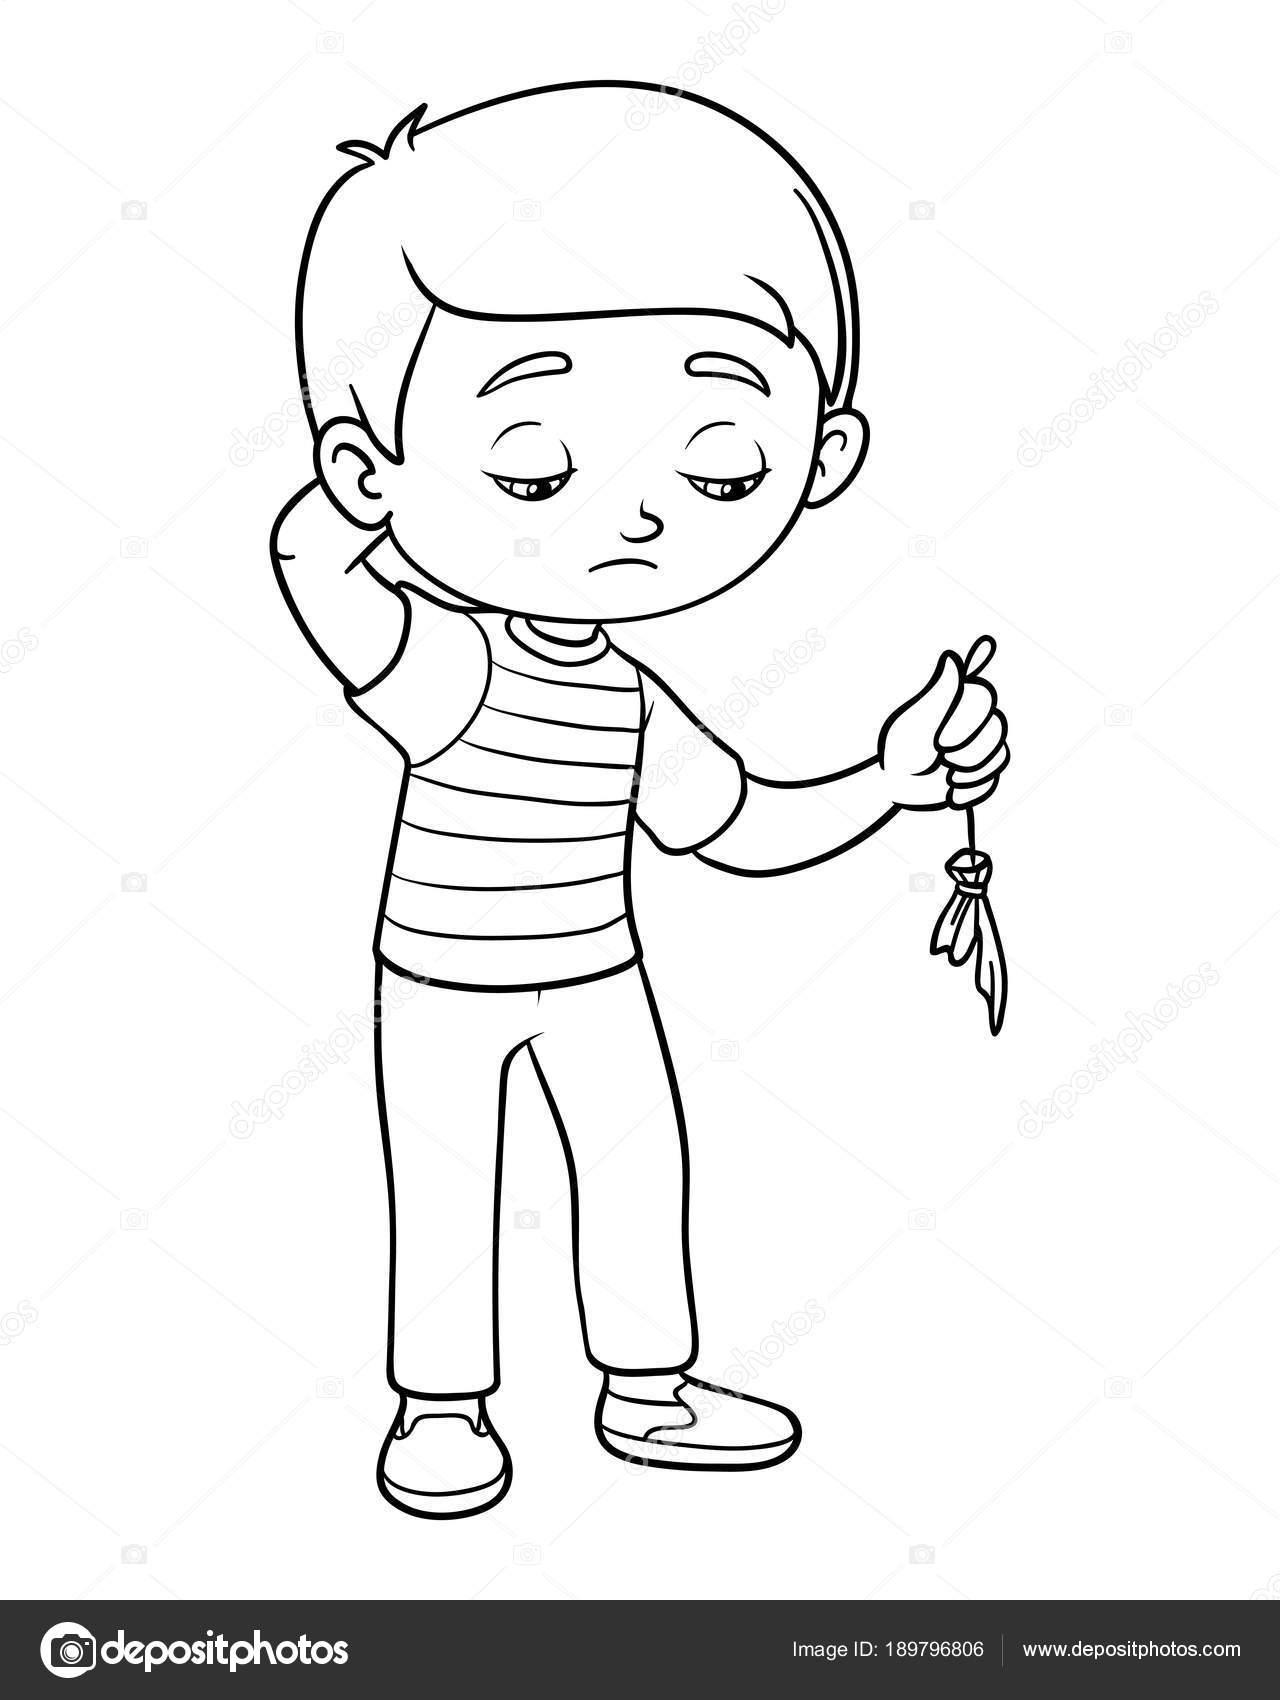 Imágenes Un Niño Para Colorear Libro Para Colorear Niño Triste